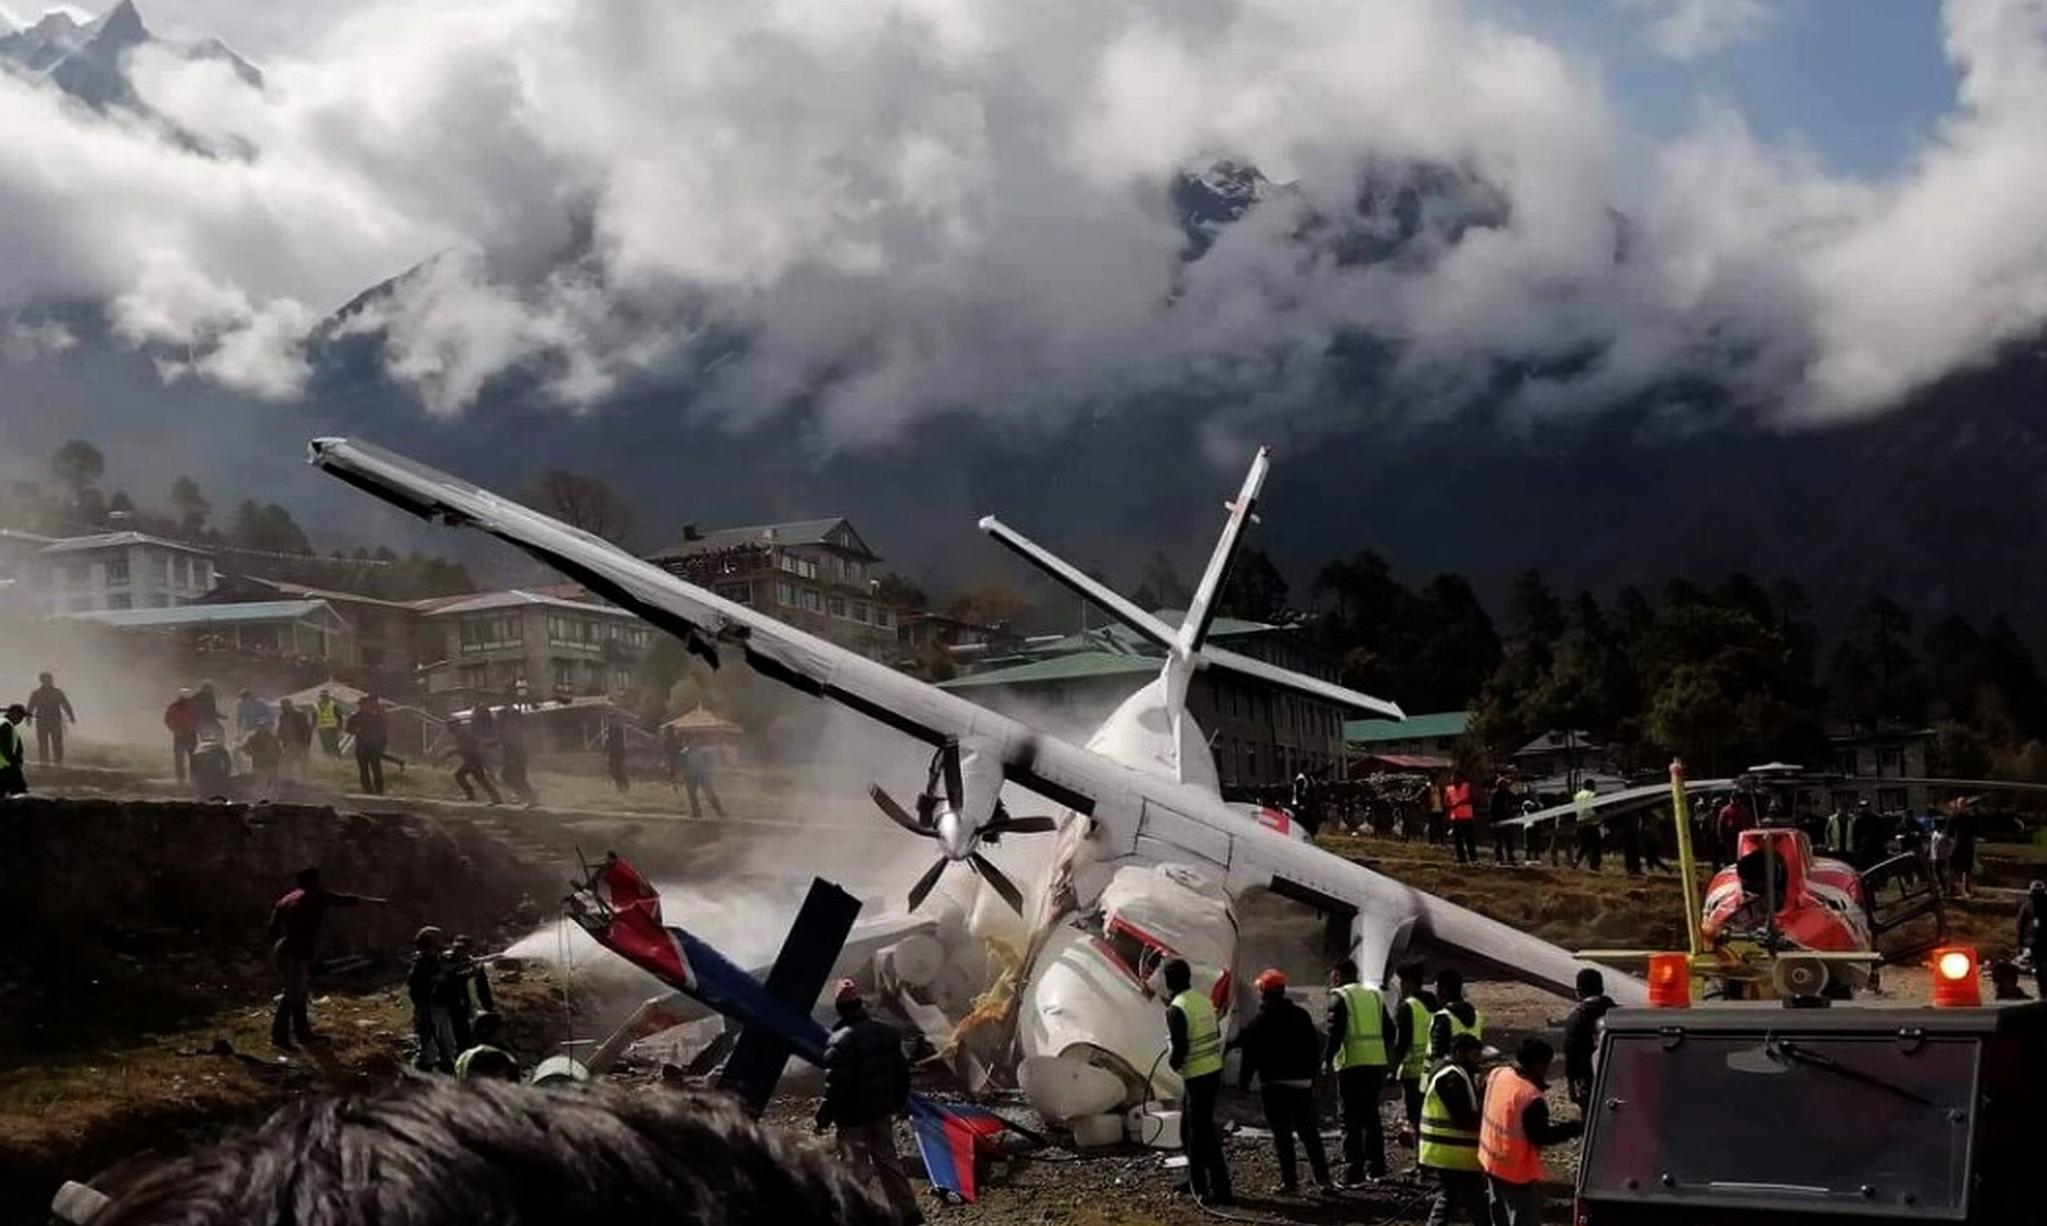 14일(현지시간) 네팔 에베레스트산 관문 루클라의 텐징 힐러리 공항에서 충돌한 서미트항공 소속 소형비행기와 헬리콥터의 부서진 기체 사이에서 하얀 연기가 뿜어져 나오고 있다.[신화=연합뉴스]